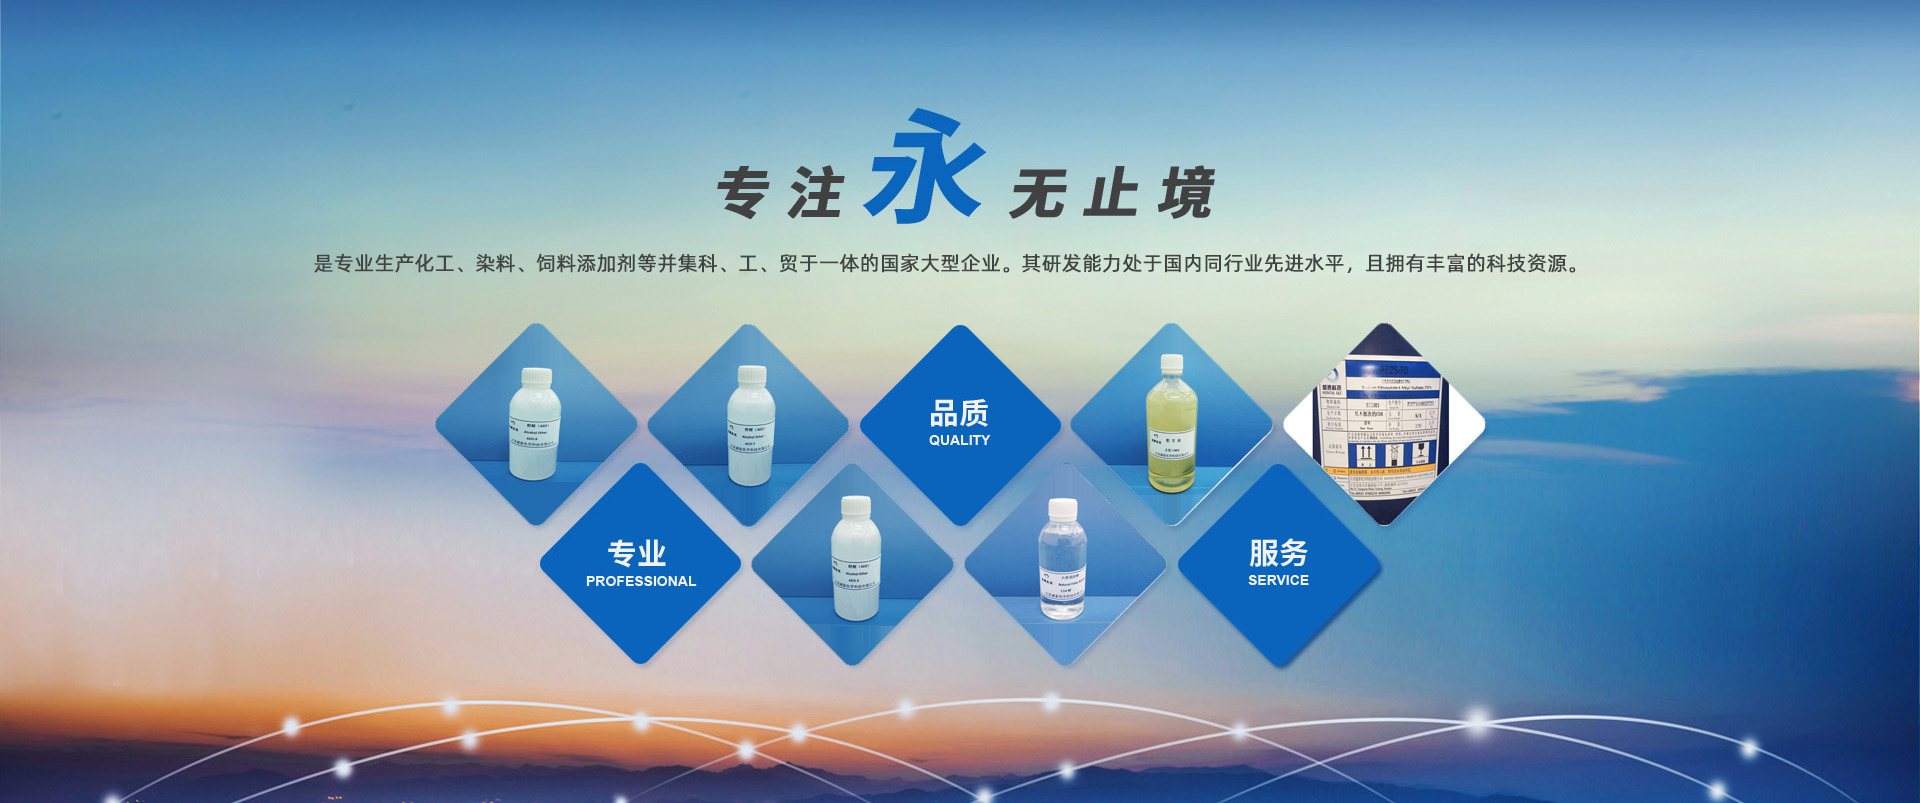 江苏华体会体育化学科技有限公司